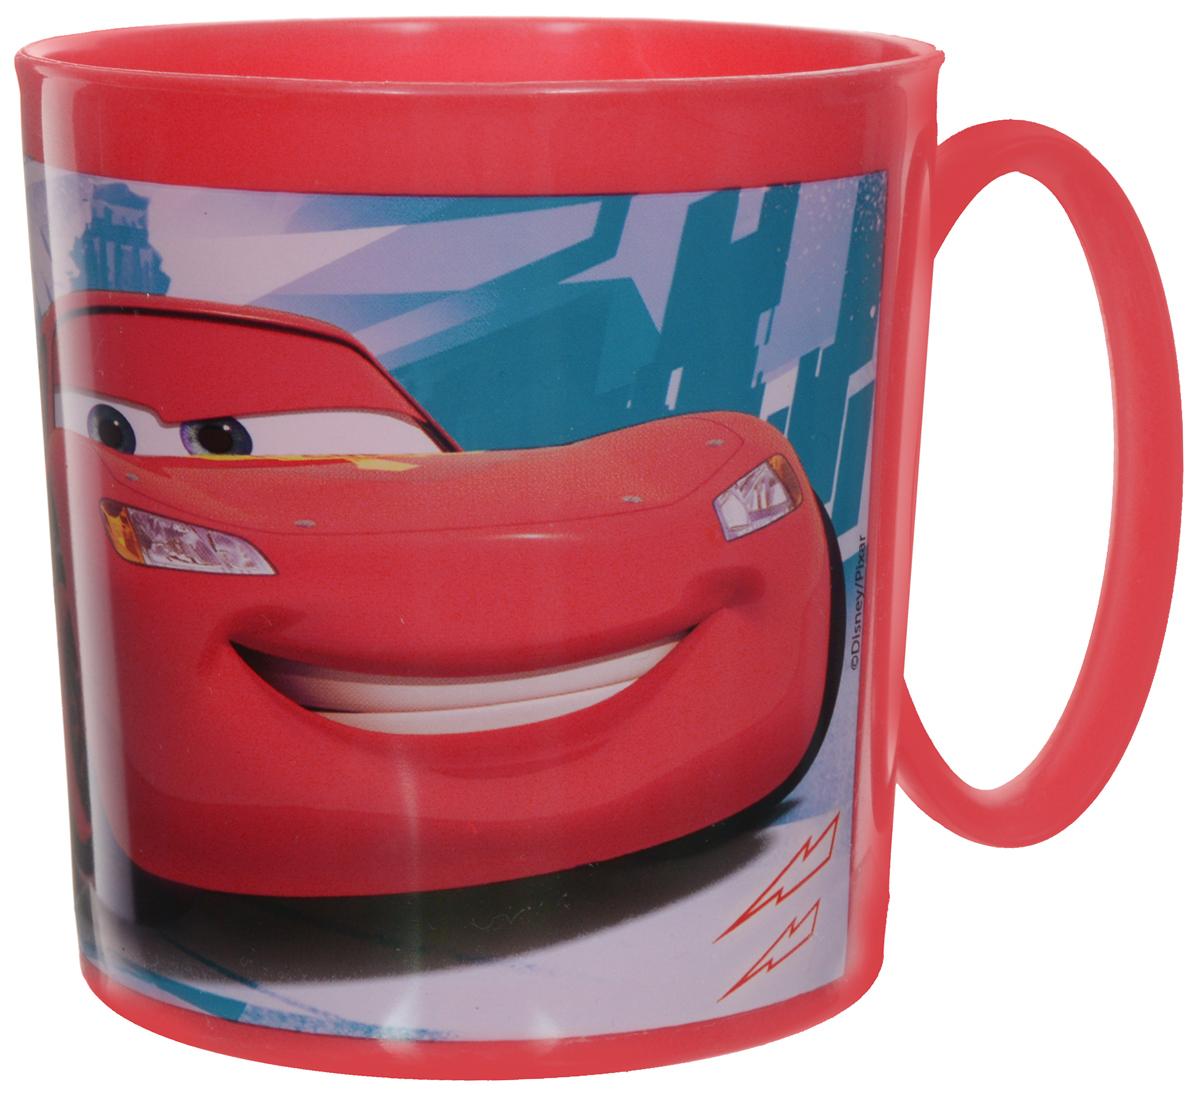 Disney Кружка пластмассовая Cars, 350 мл36604Детская кружка Cars идеально подойдет для вашего малыша. Она выполнена из качественного пластика красного цвета и оформлена ярким изображением героев мультфильмов Тачки. Кружка дополнена удобной ручкой. Такой подарок станет не только приятным, но и практичным сувениром: кружка станет незаменимым атрибутом чаепития, а оригинальное оформление кружки добавит ярких эмоций в процессе чаепития.